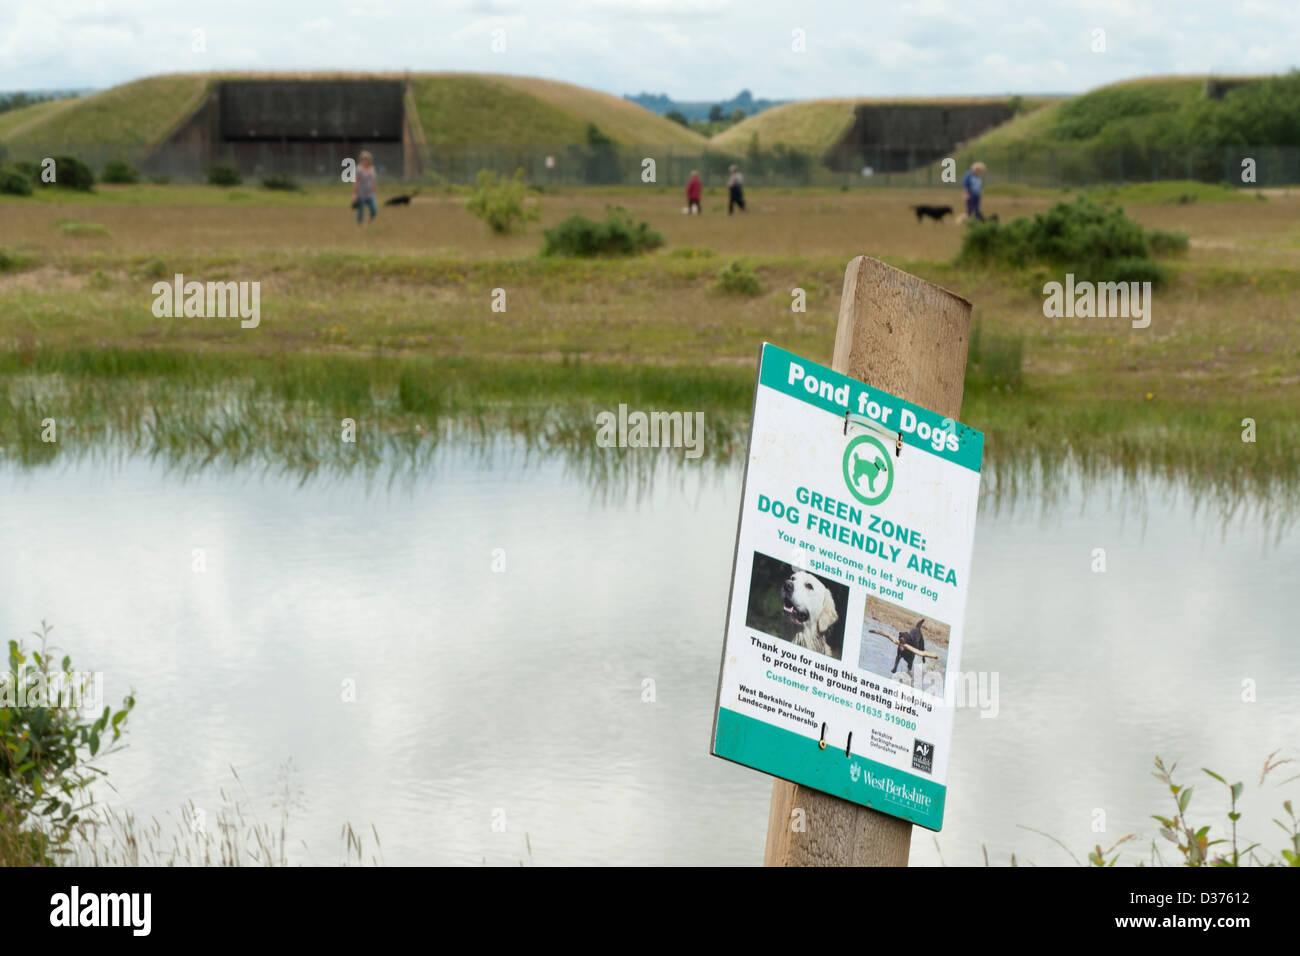 Restauración ambiental de Greenham Common: Estanque para perros señal; paseadores de perros y viejos silos Imagen De Stock